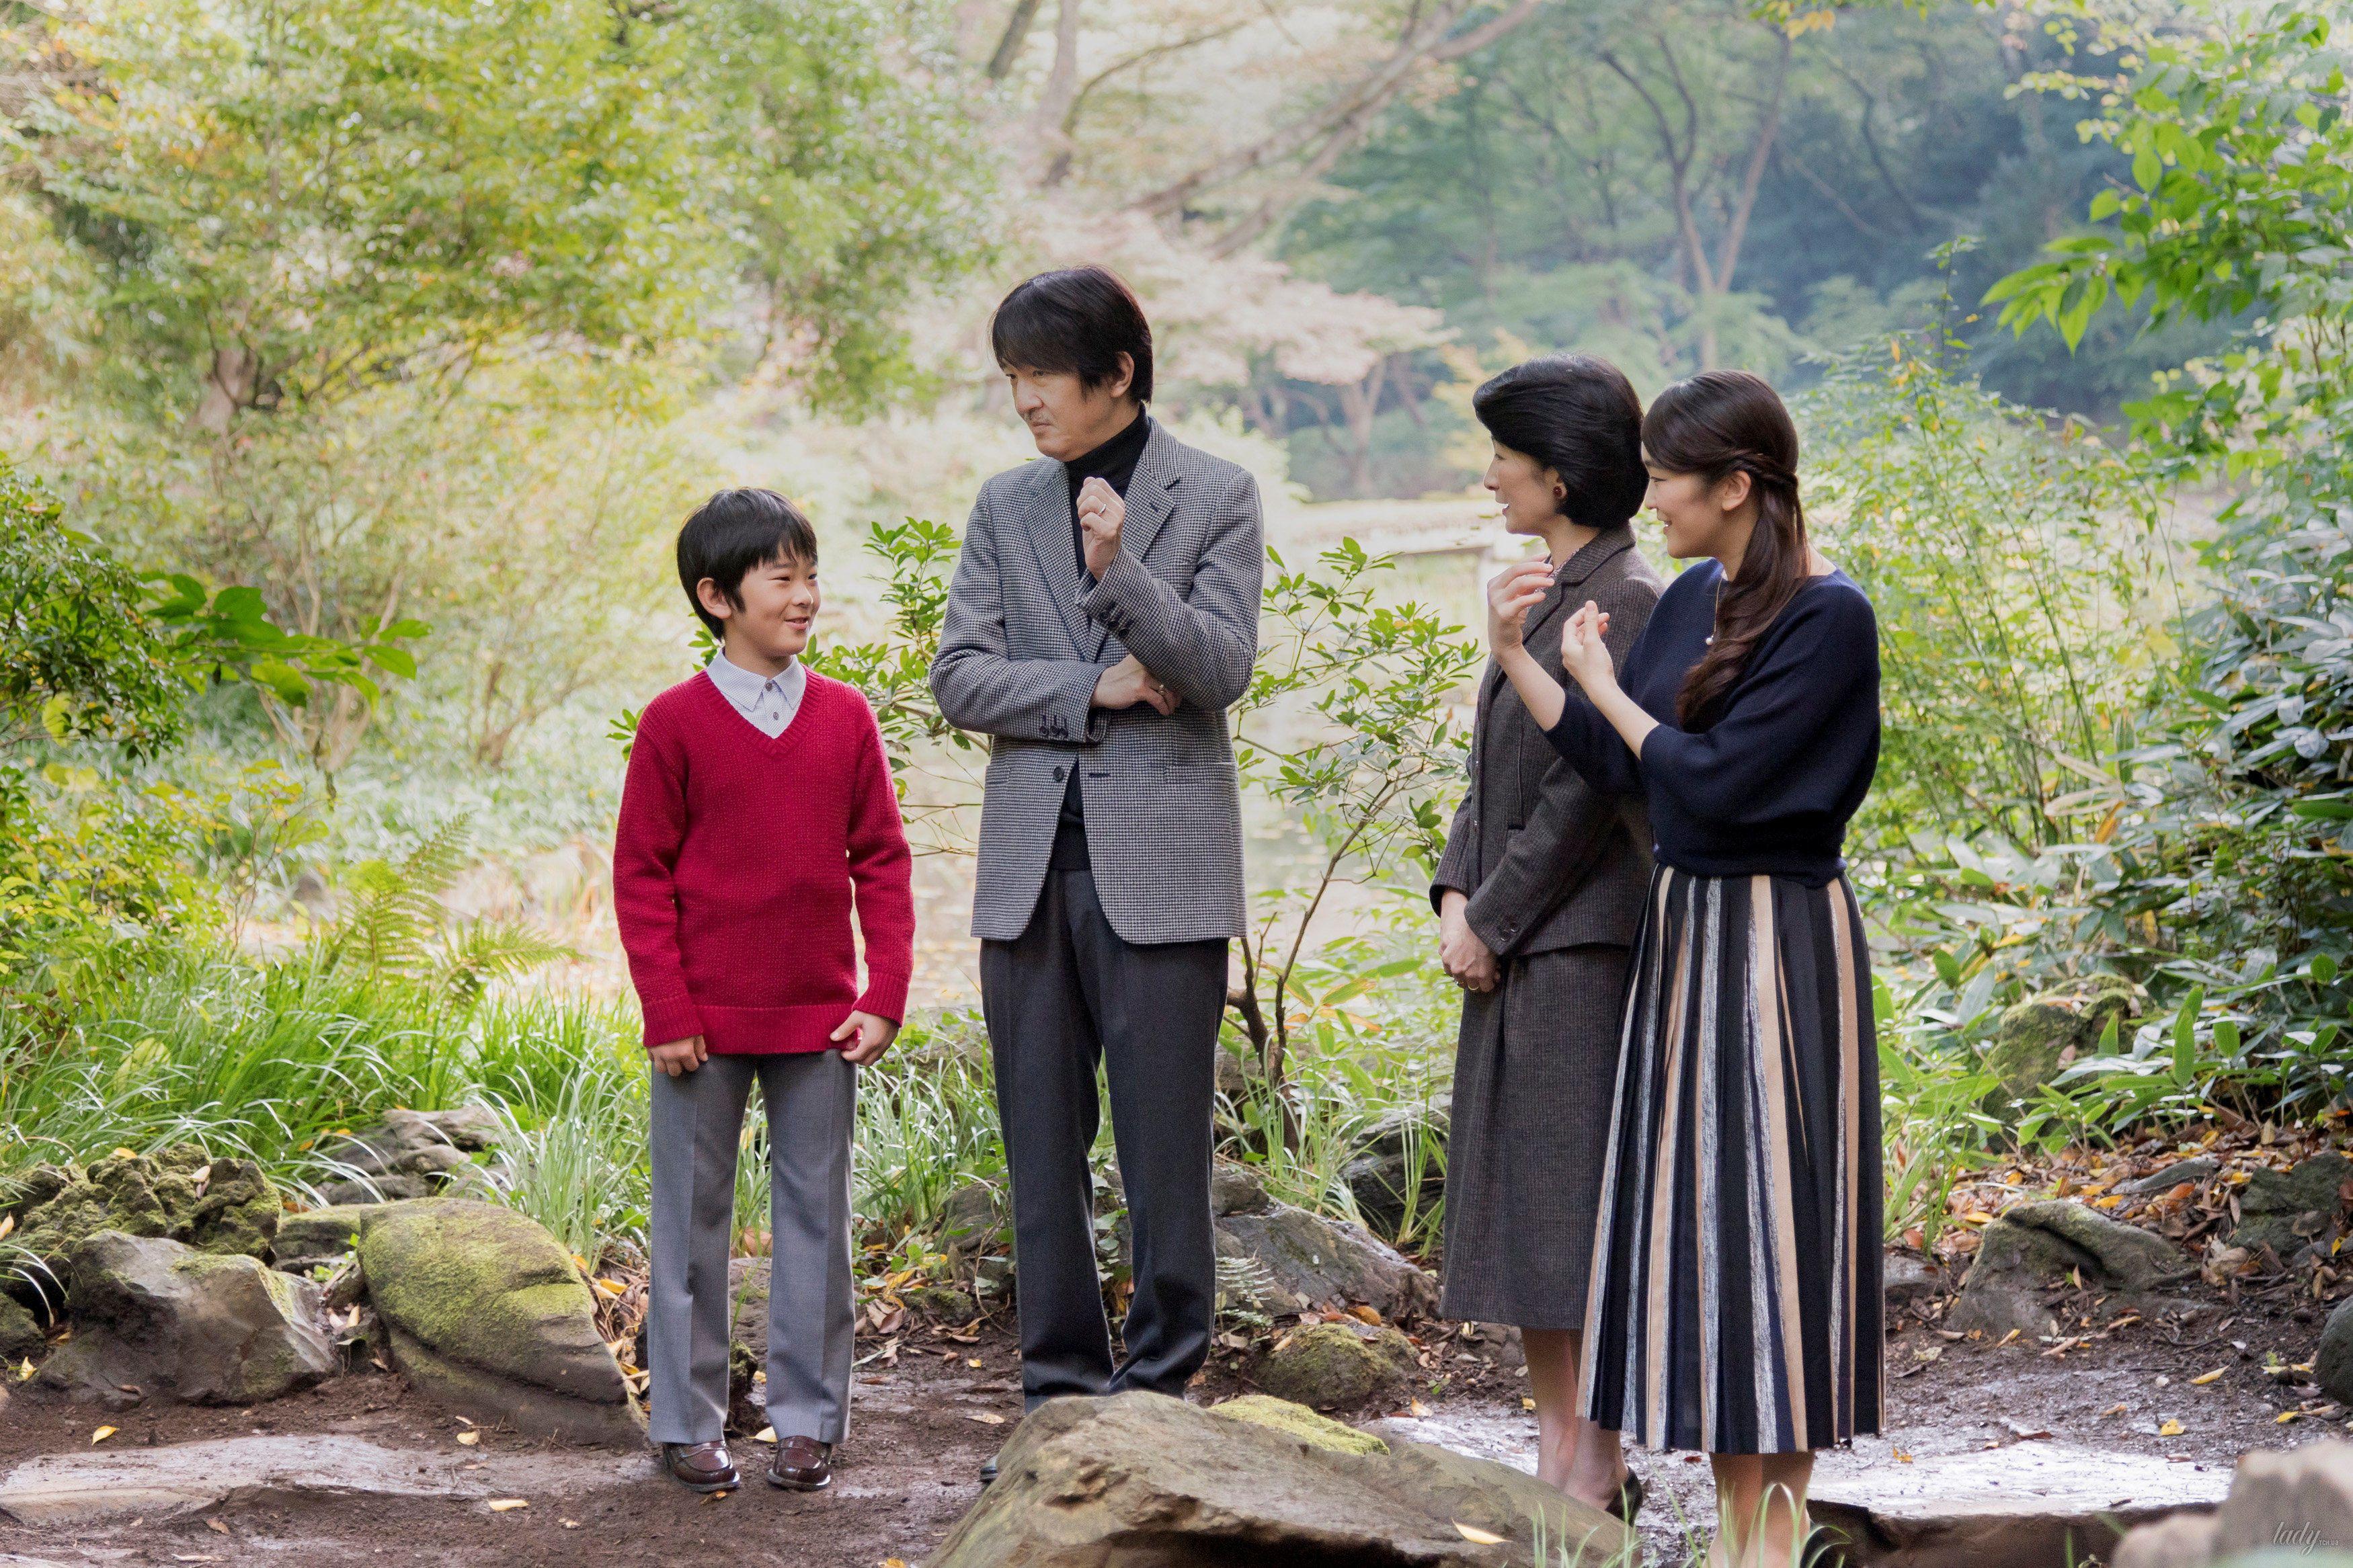 Японский принц Акисино, его жена принцесса Кико и их дети - принц Хисахито и принцесса Мако_4